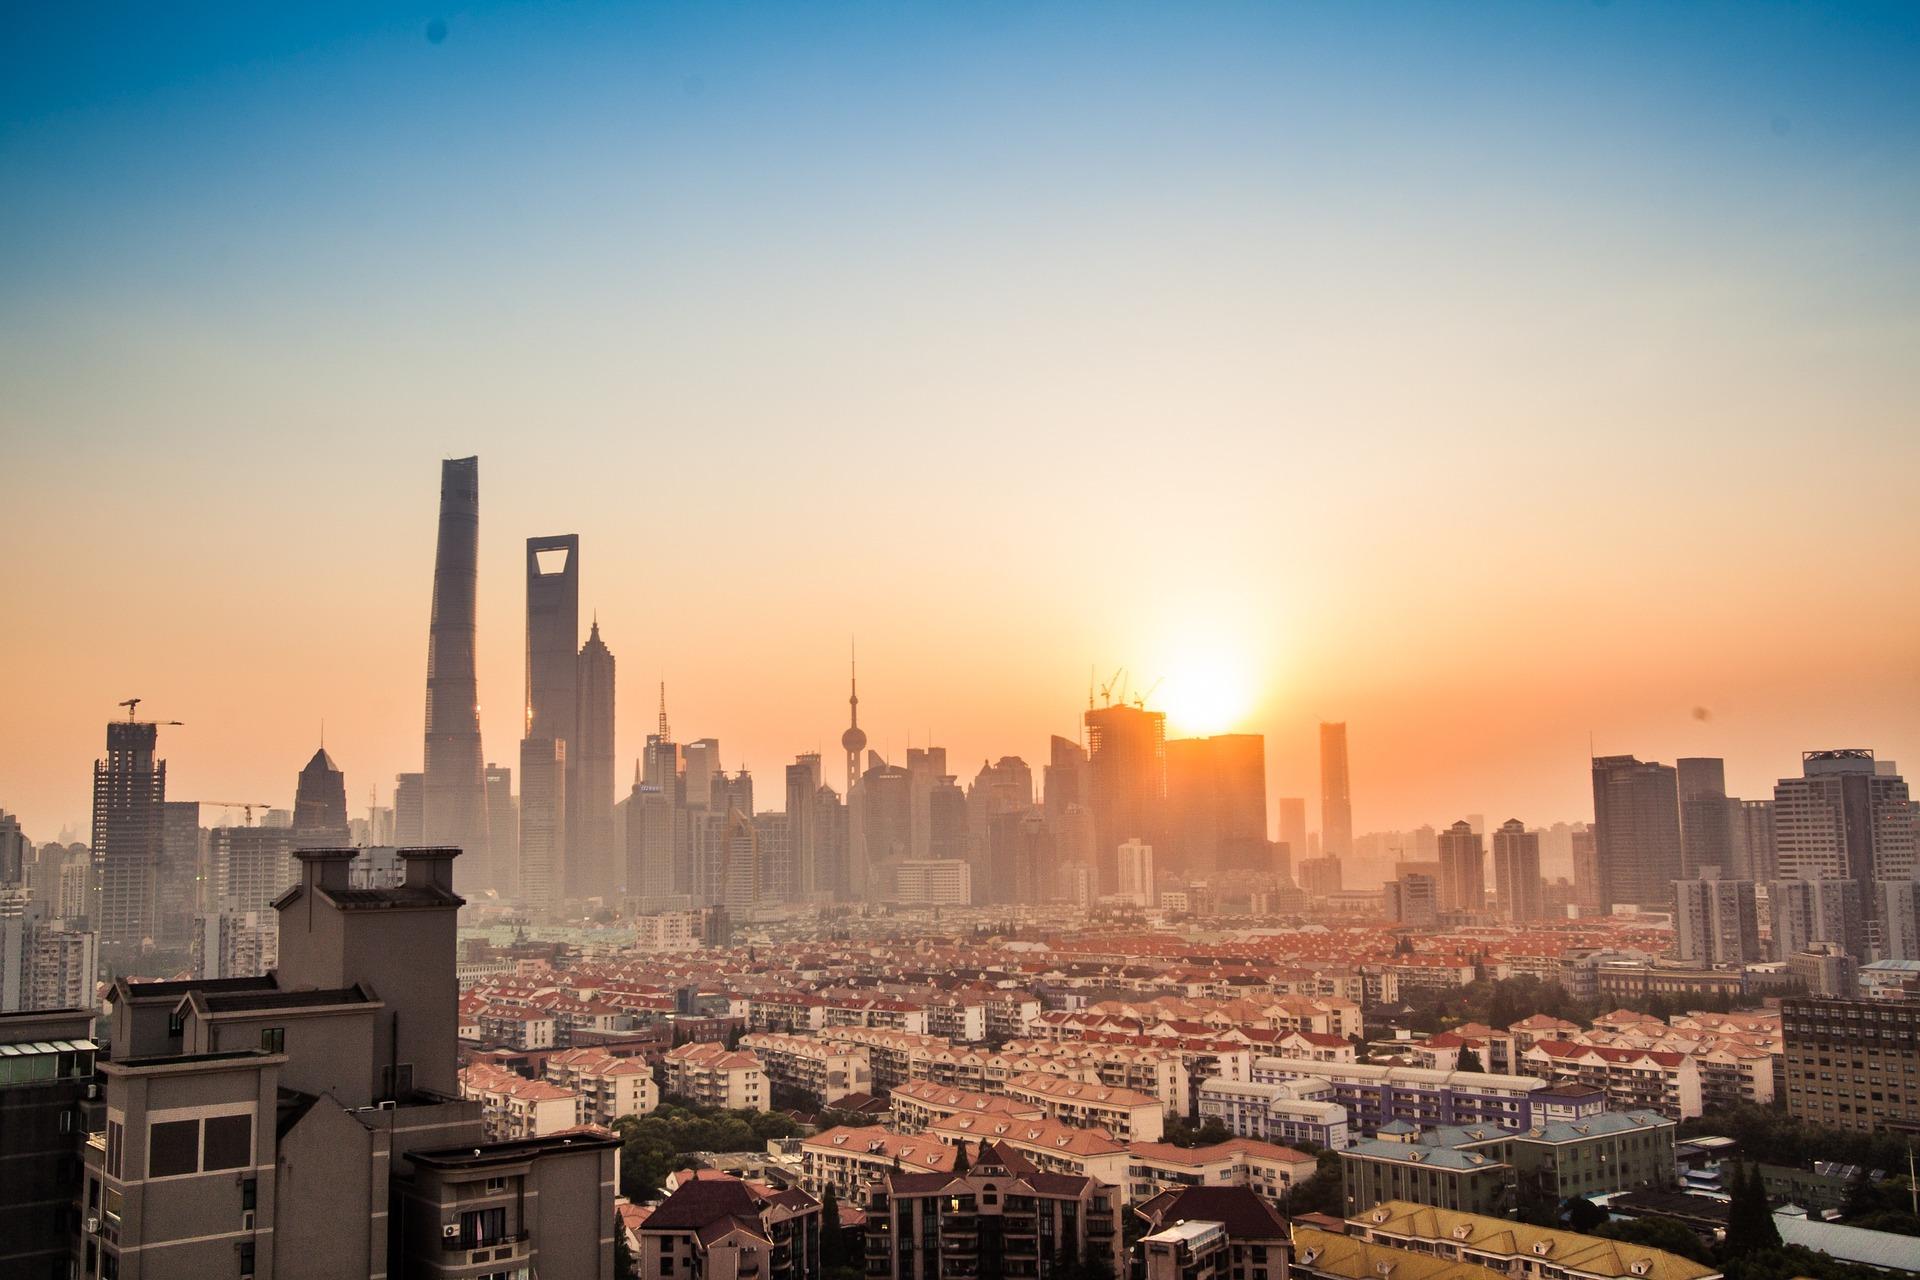 Μάρκετινγκ Κίνας: Οργανισμός, εμπειρίες, οικονομία, στρατηγική + συμβουλές